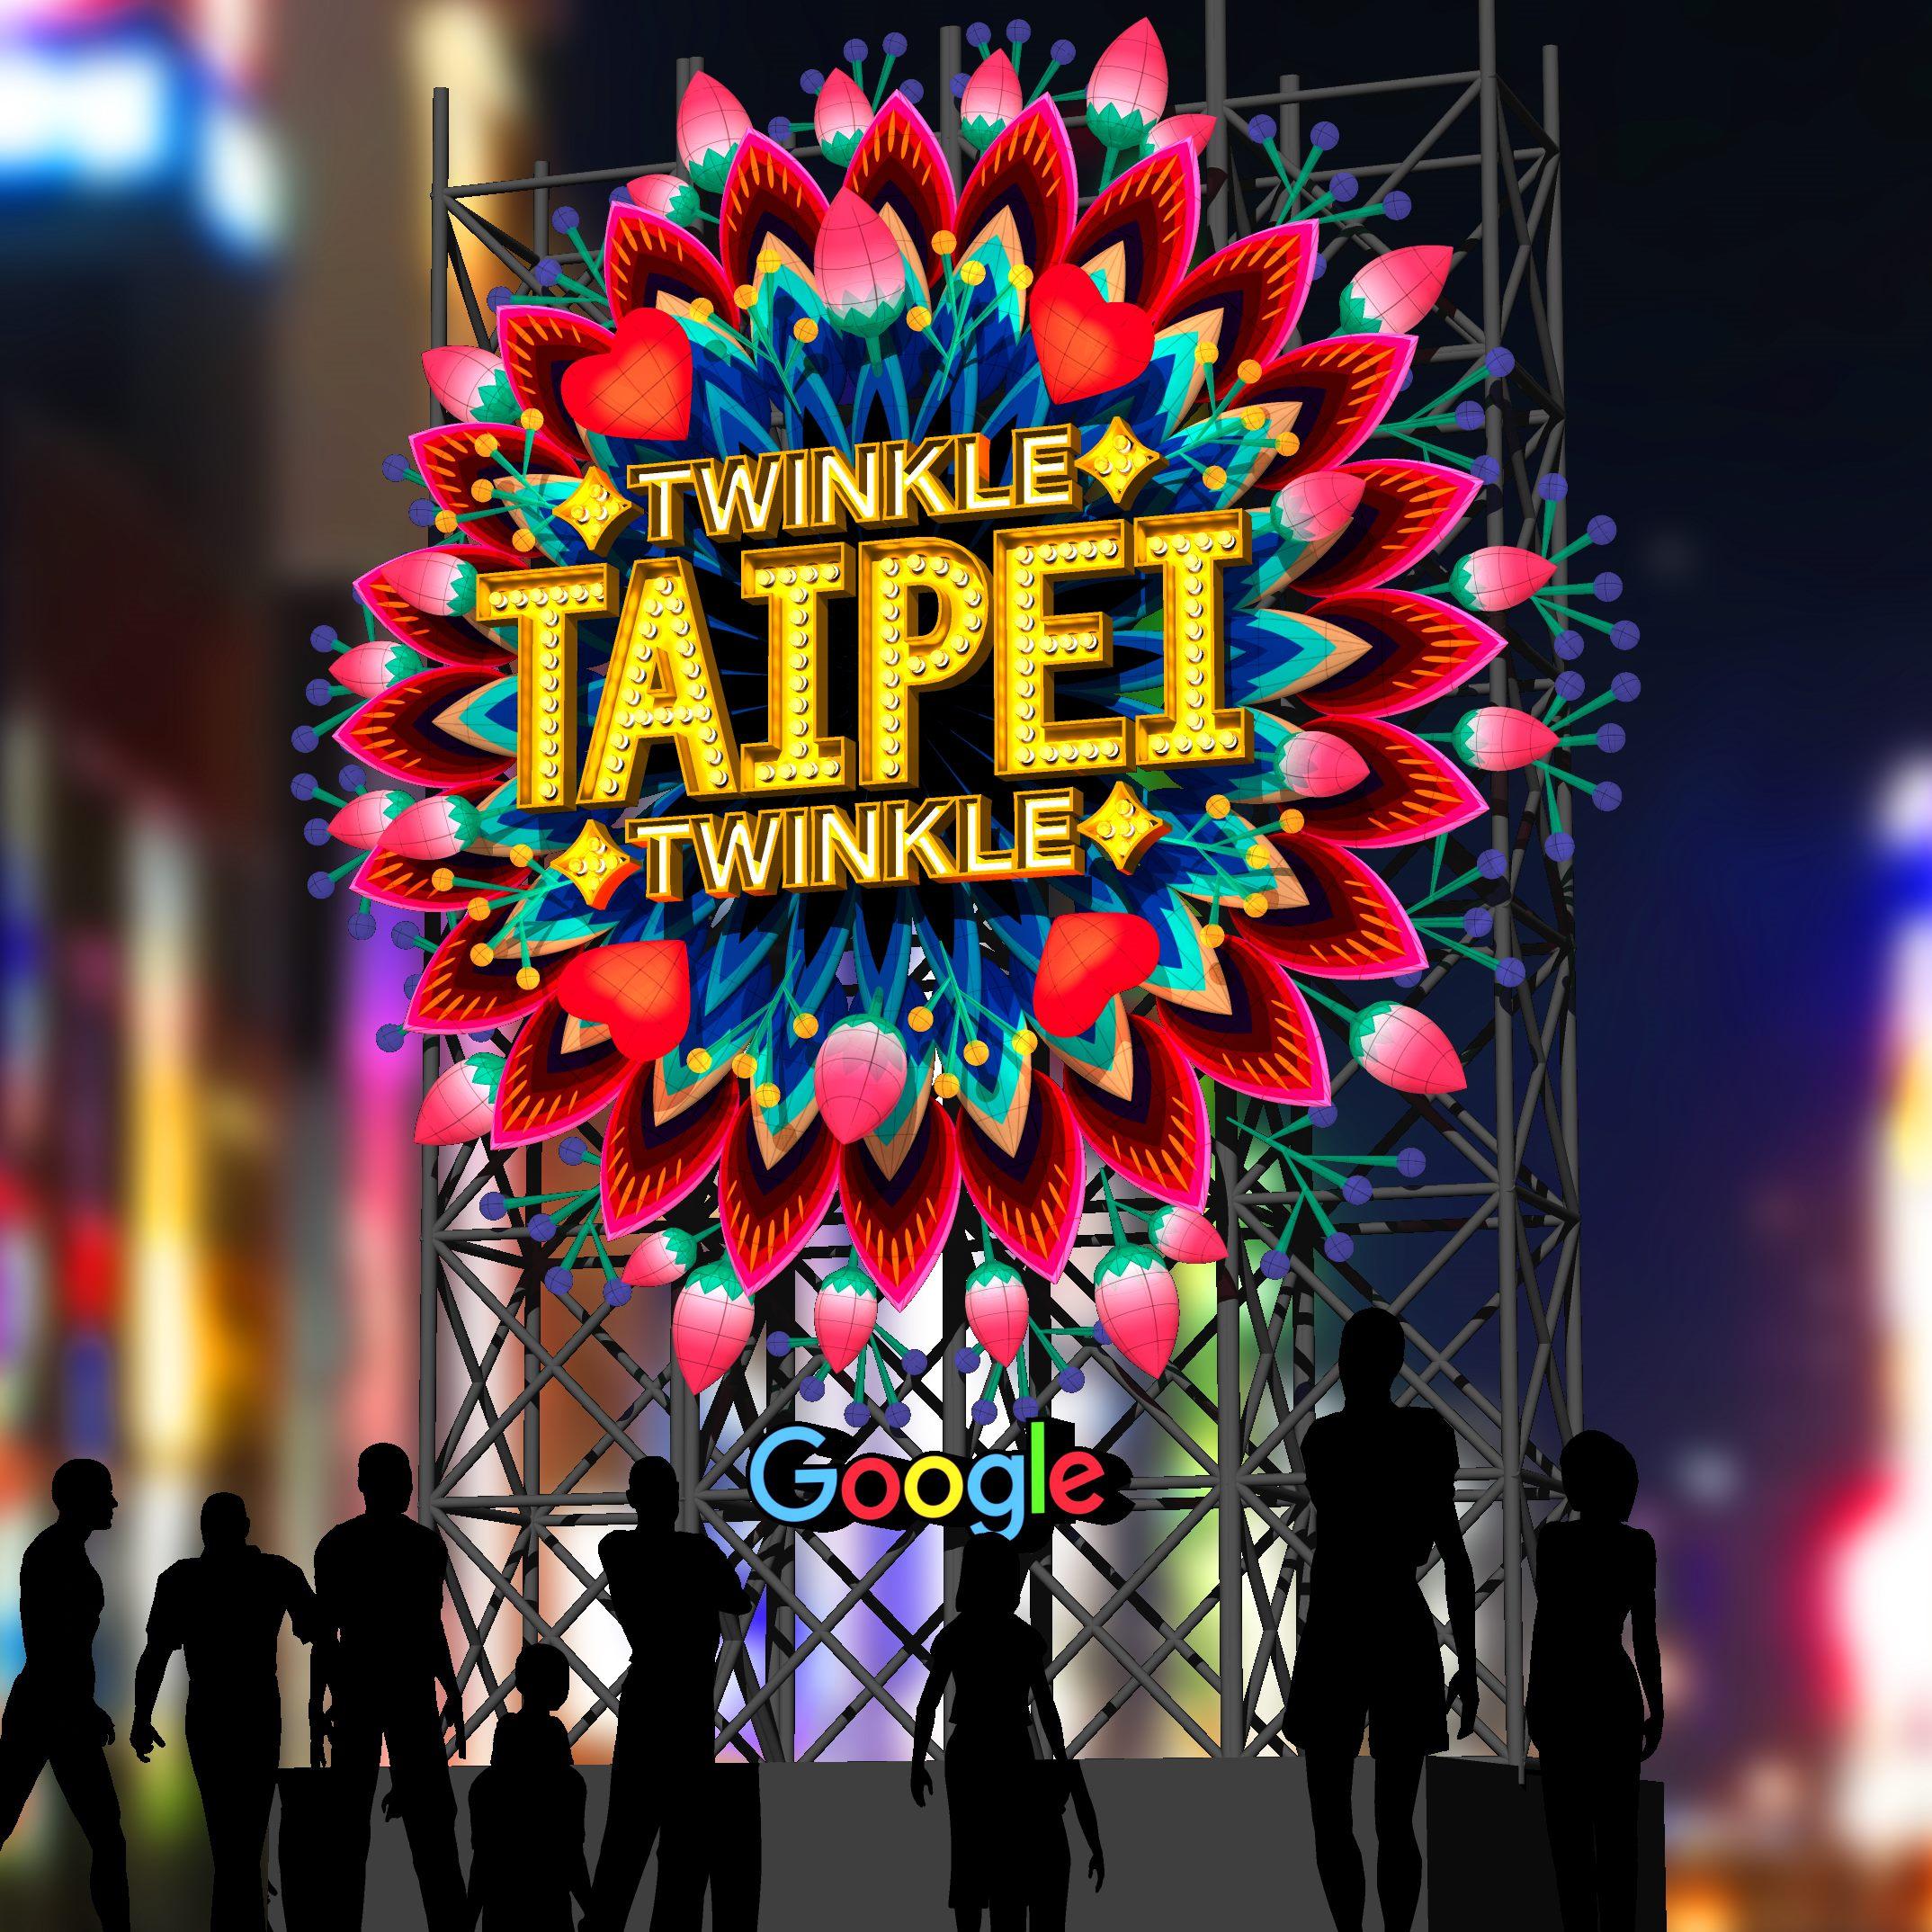 「心花怒放亮晶晶」首次讓燈節的主視覺變成實體燈飾展出,以傳統花燈工法表現,讓大家一起看見最道地的台灣民俗文化!